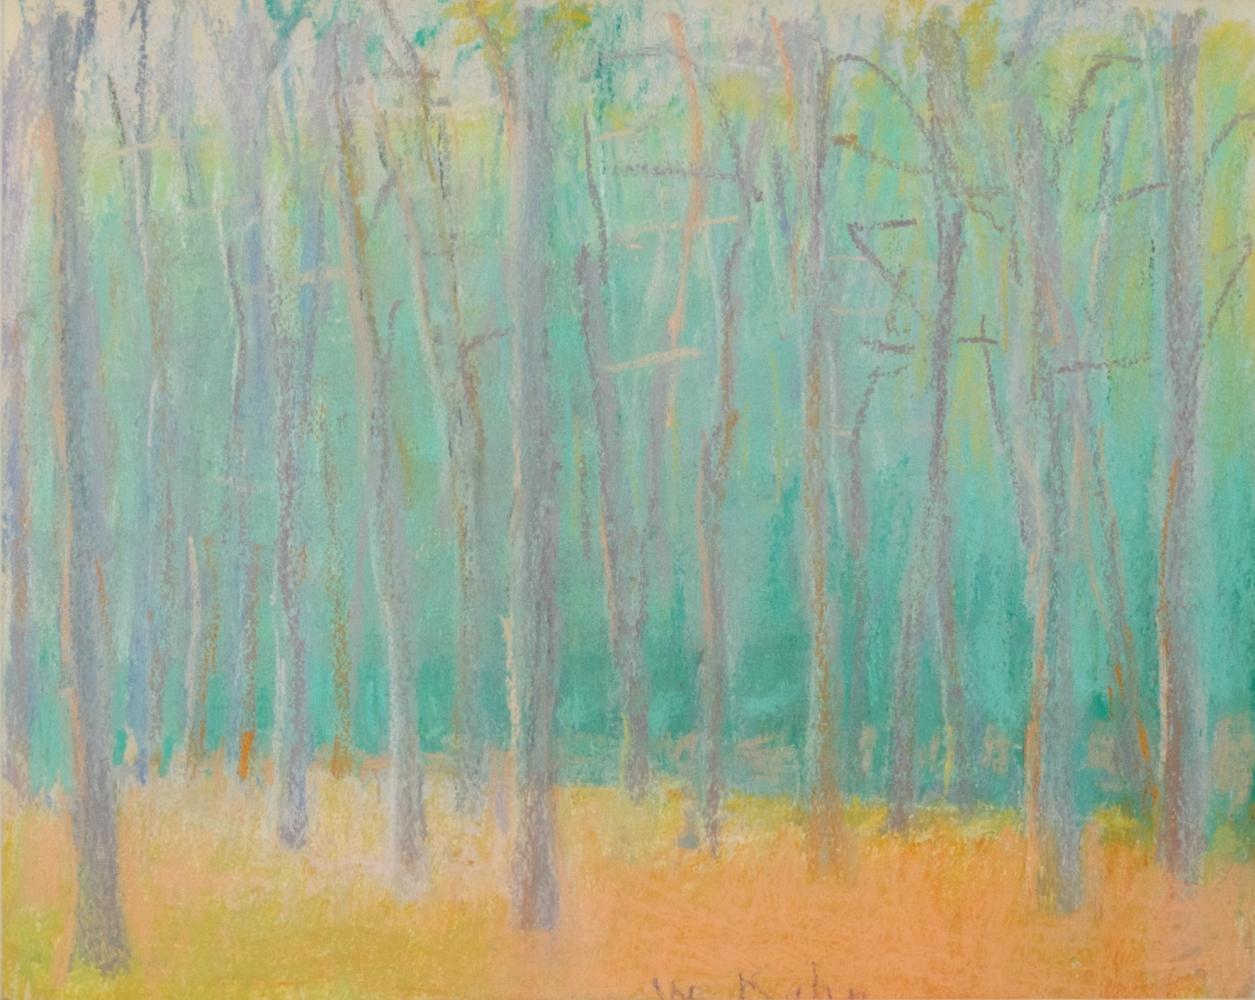 Wolf Kahn, Woods: Green & Orange, 1989, Pastel on paper, 8 x 10 inches